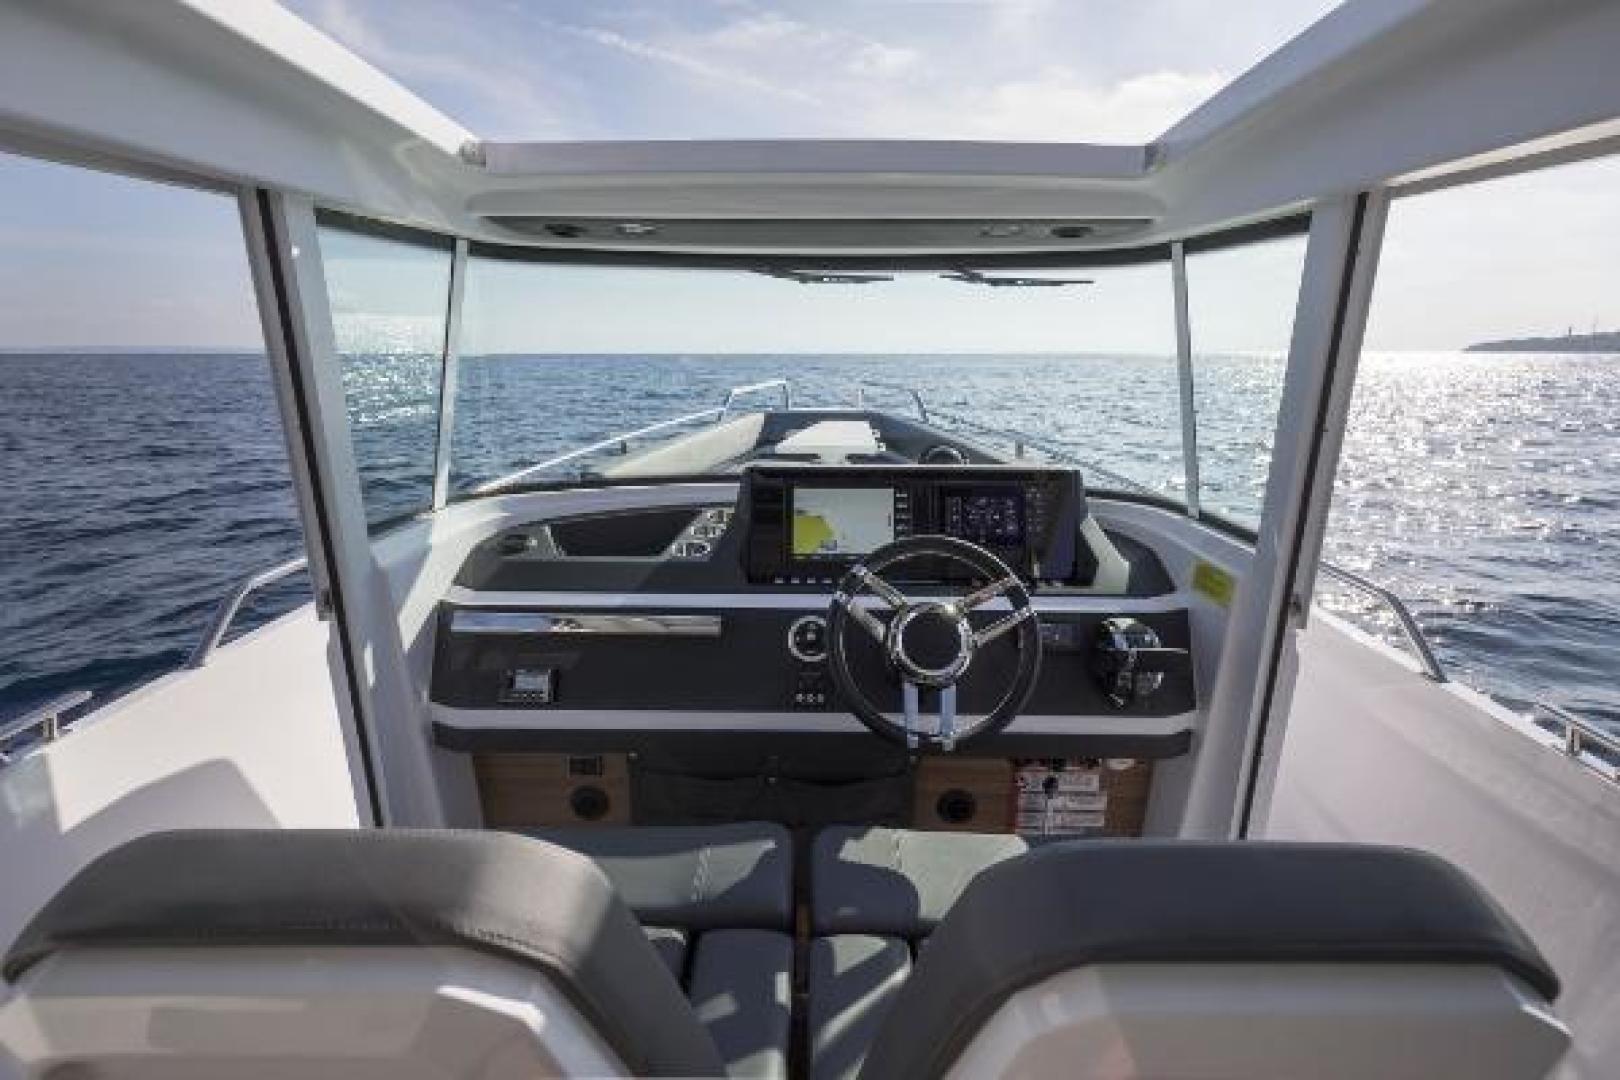 Axopar-28 CABIN 2020-Axopar 28 CABIN Palm Beach-Florida-United States-1531460 | Thumbnail